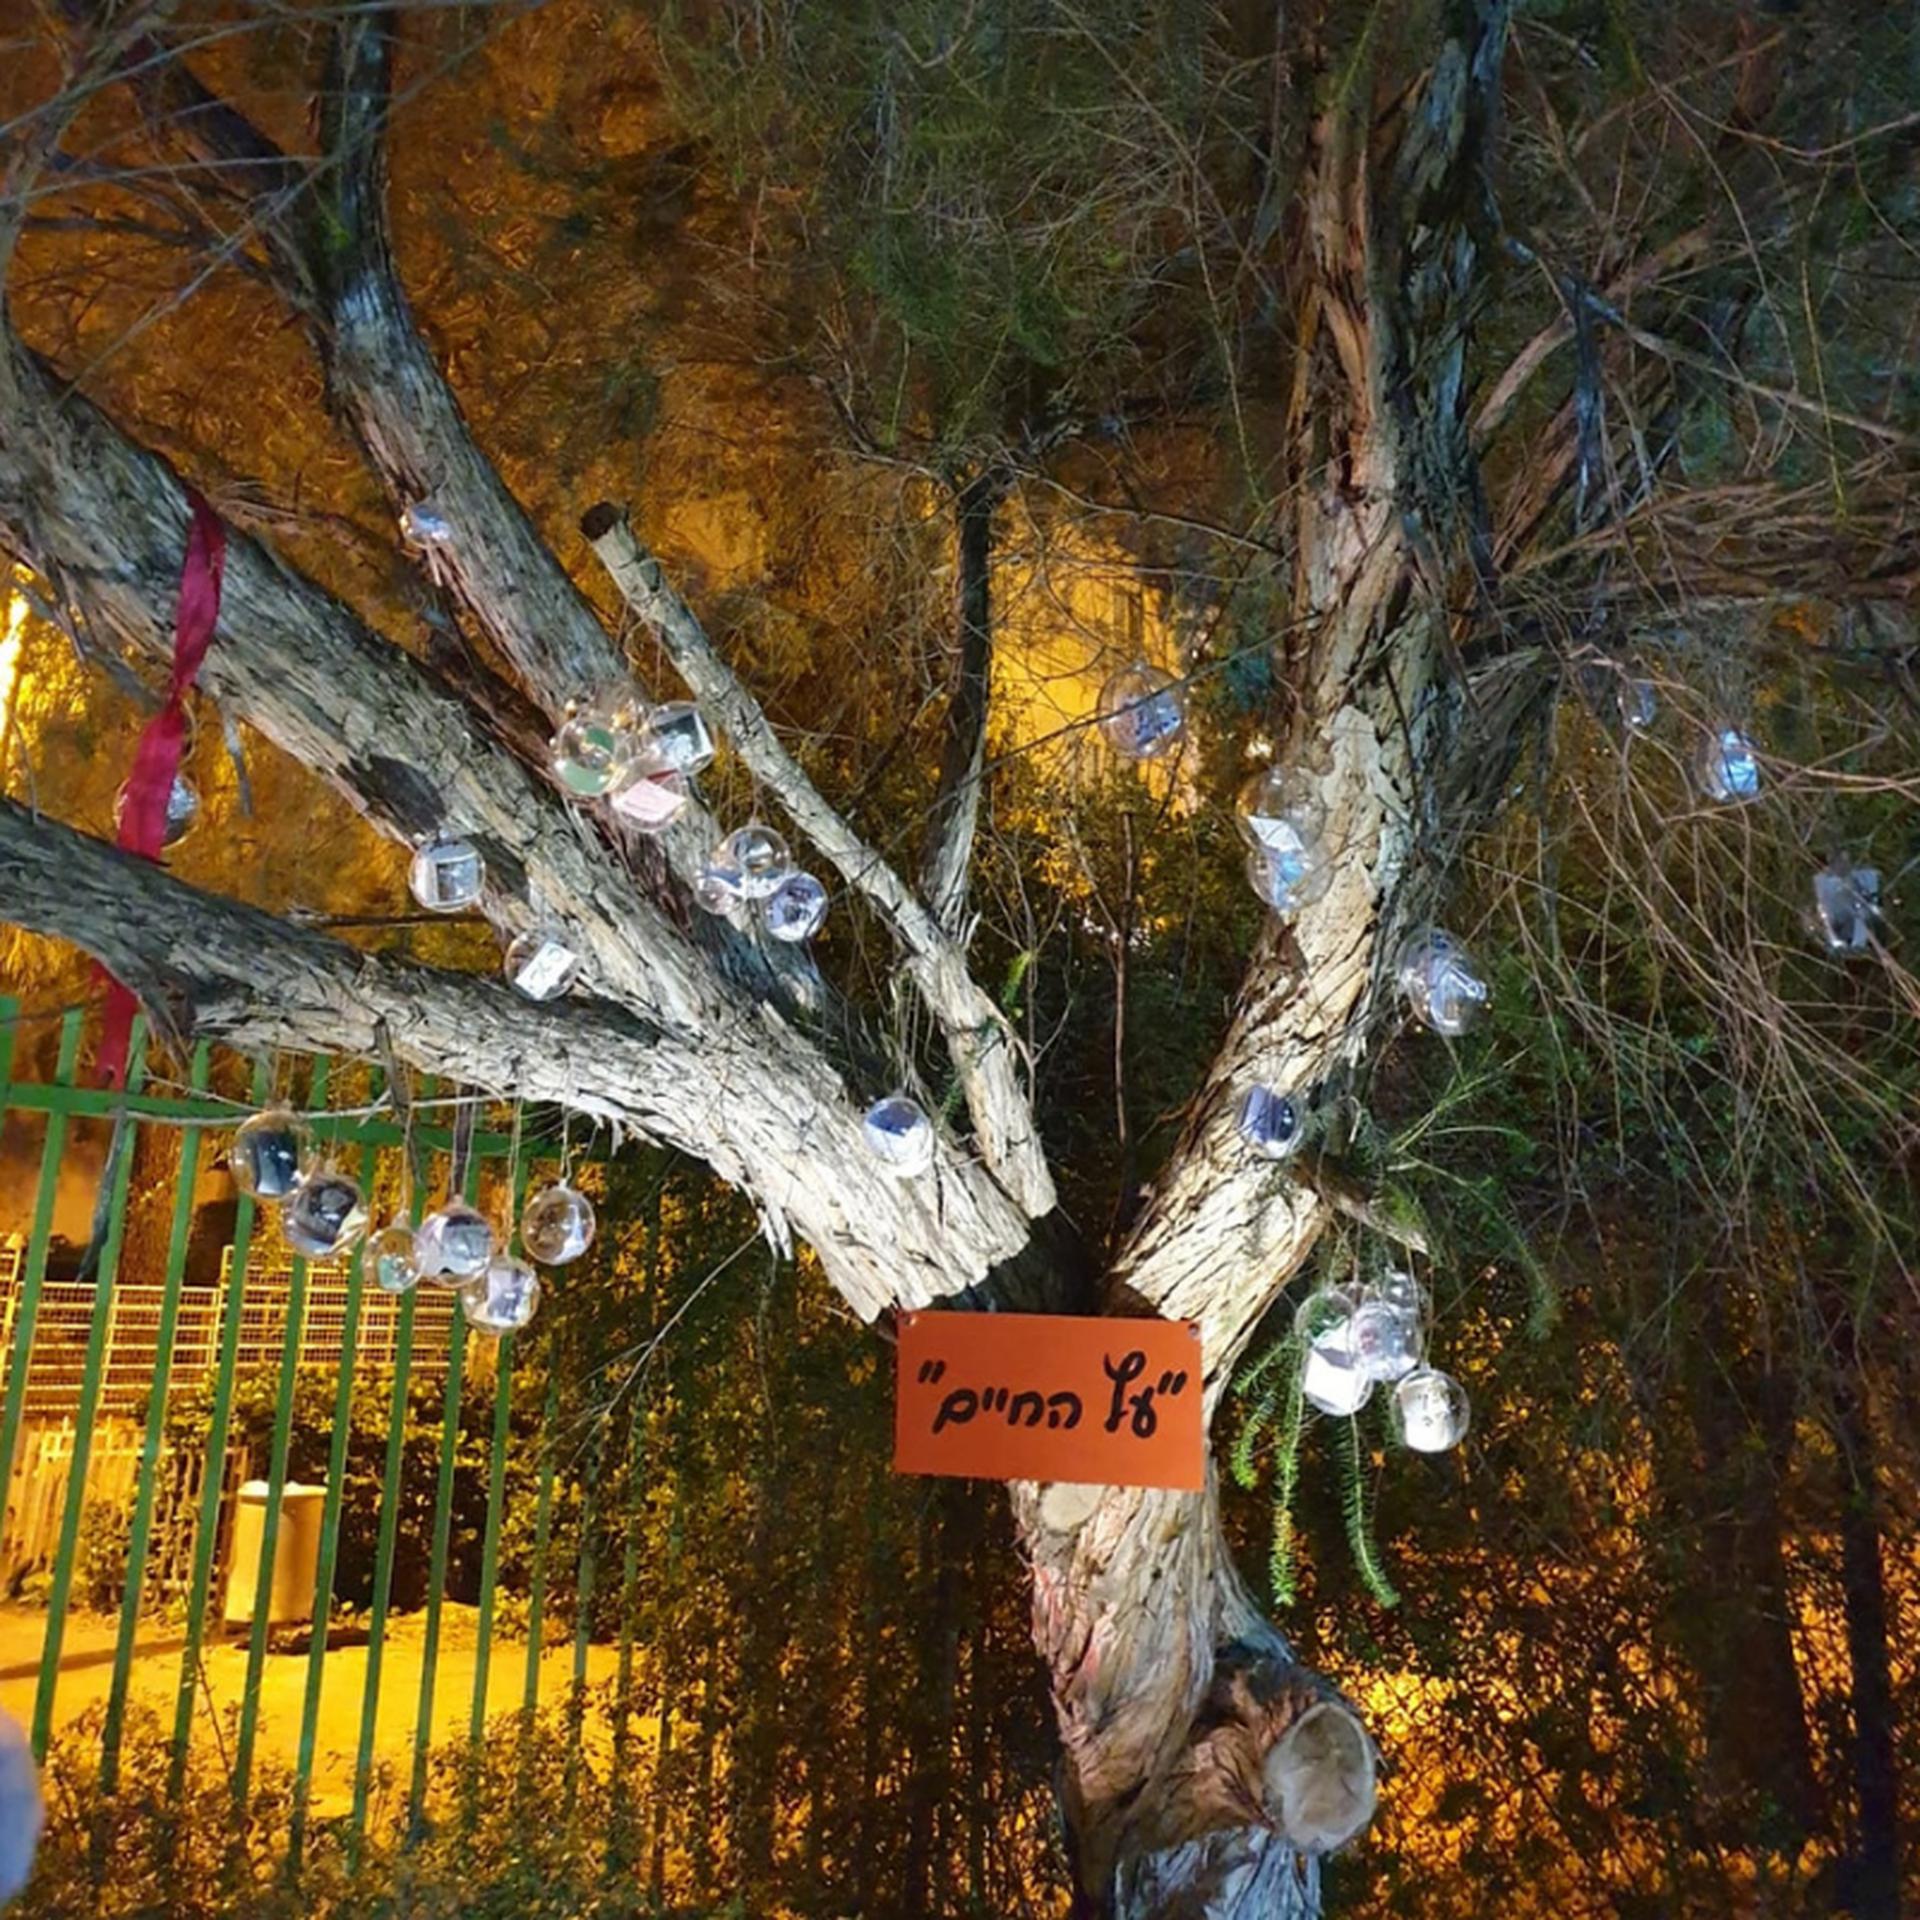 העץ מקושט בזכרונות | צילום פרטי